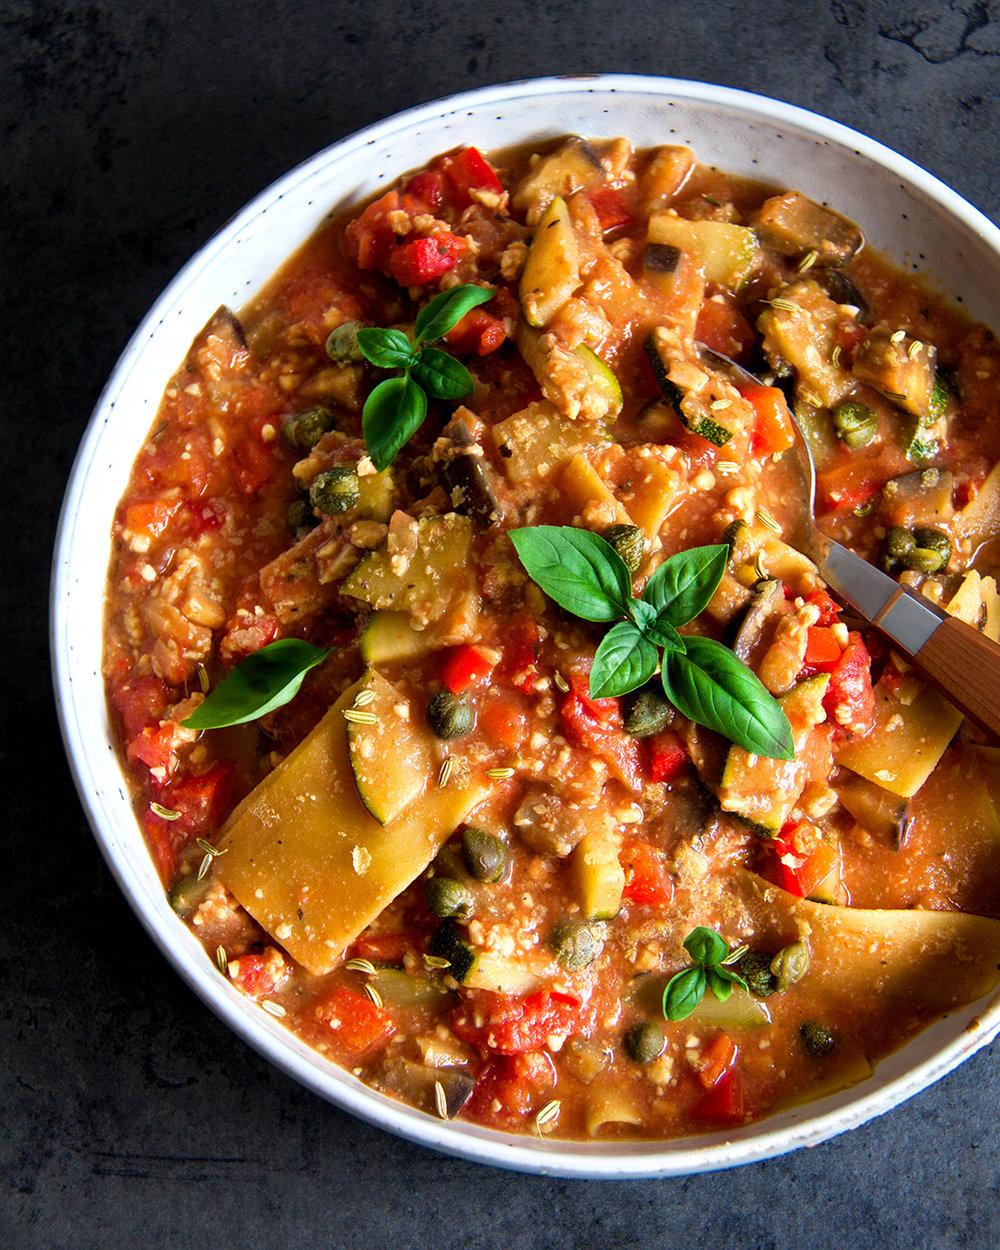 eenpanslasagne-ratatouille-vegan-whole-foods-olievrij-glutenvrije-optie.jpg